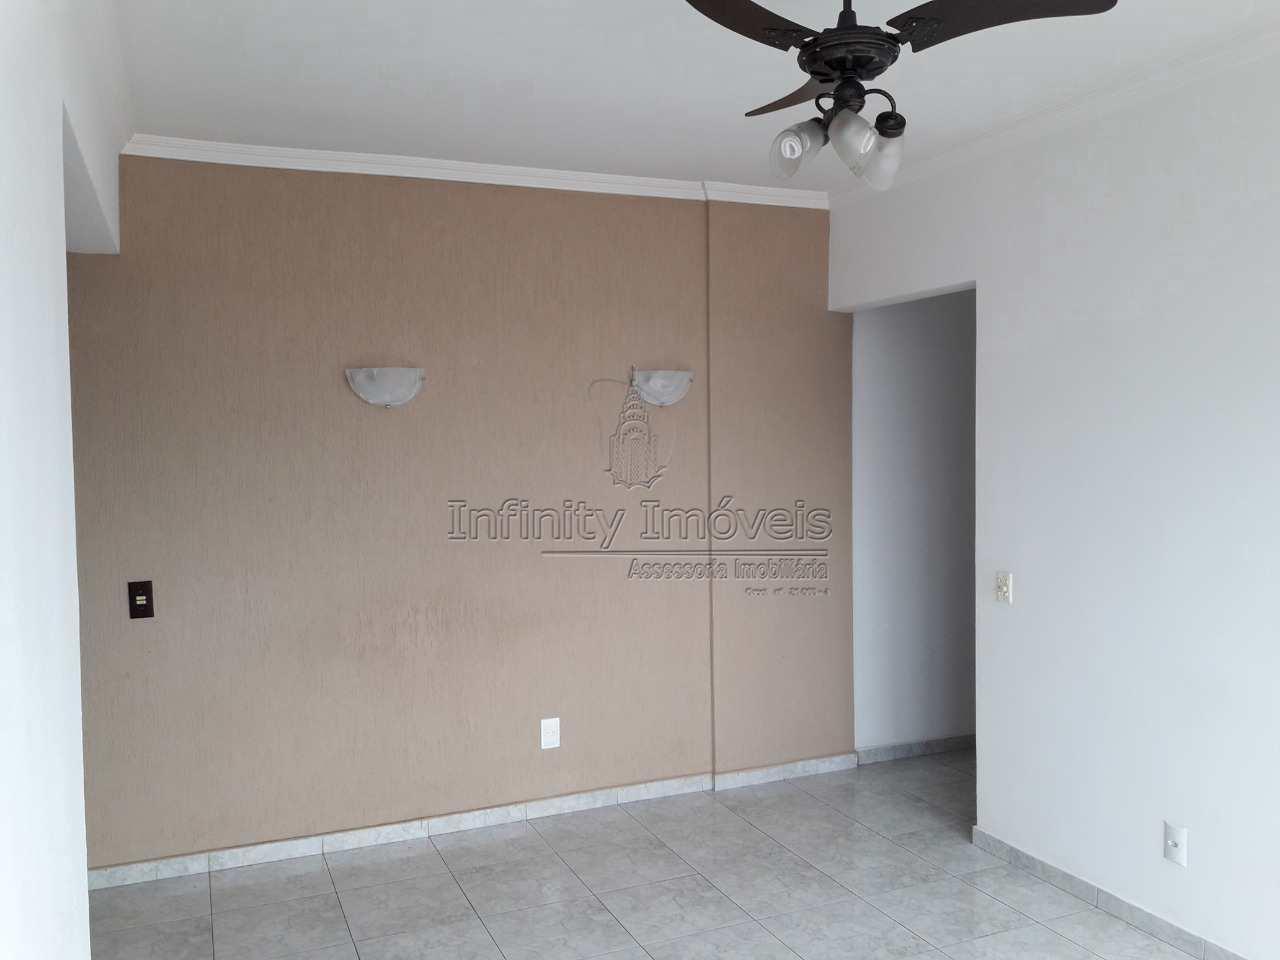 Aluguel/Venda, Apartamento, 01 dormitório, 85,00m2, em Santos